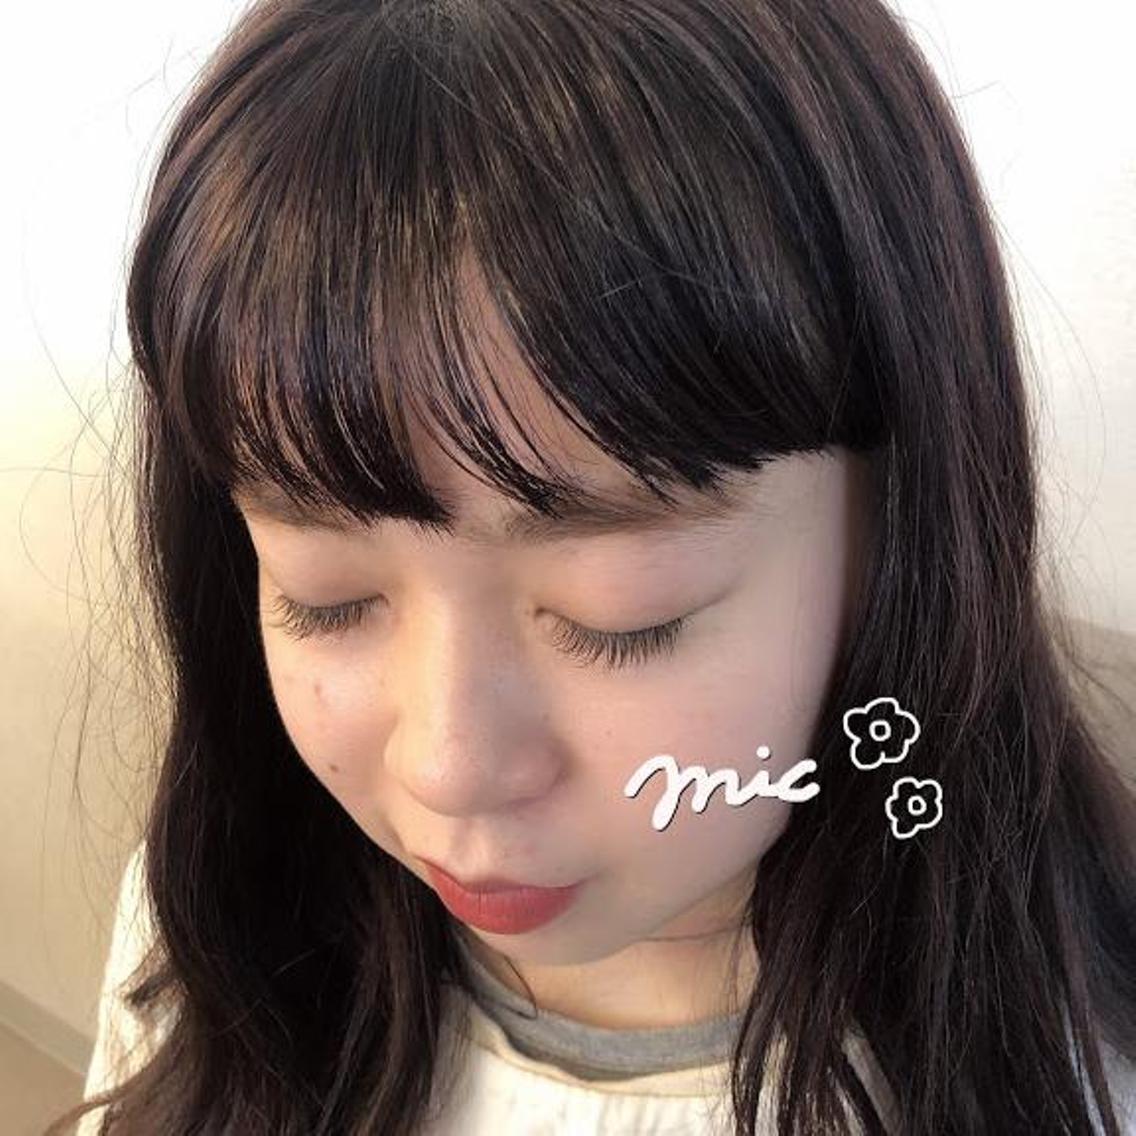 マツエクサロン Mic 天神店所属・Mic 三浦の掲載